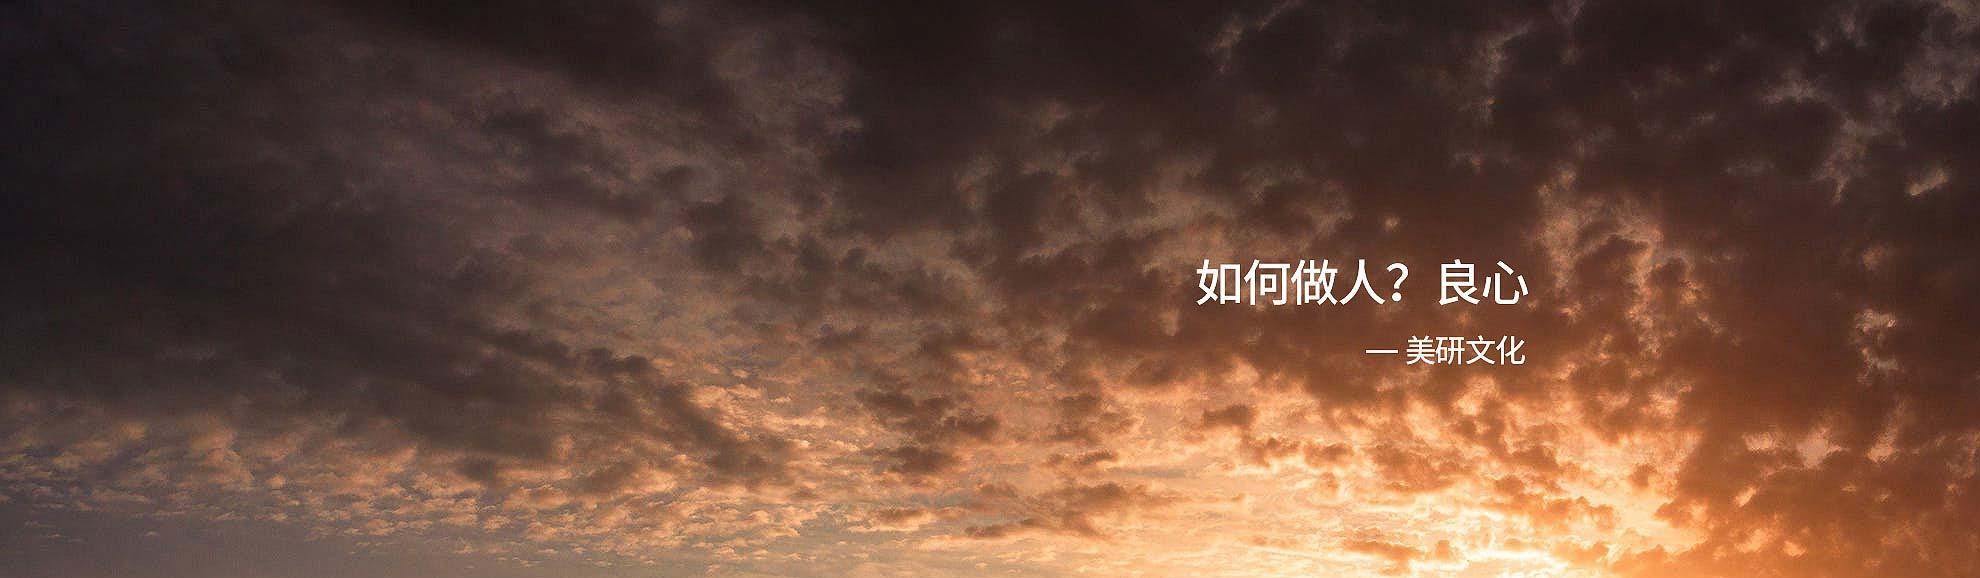 美研banner-2